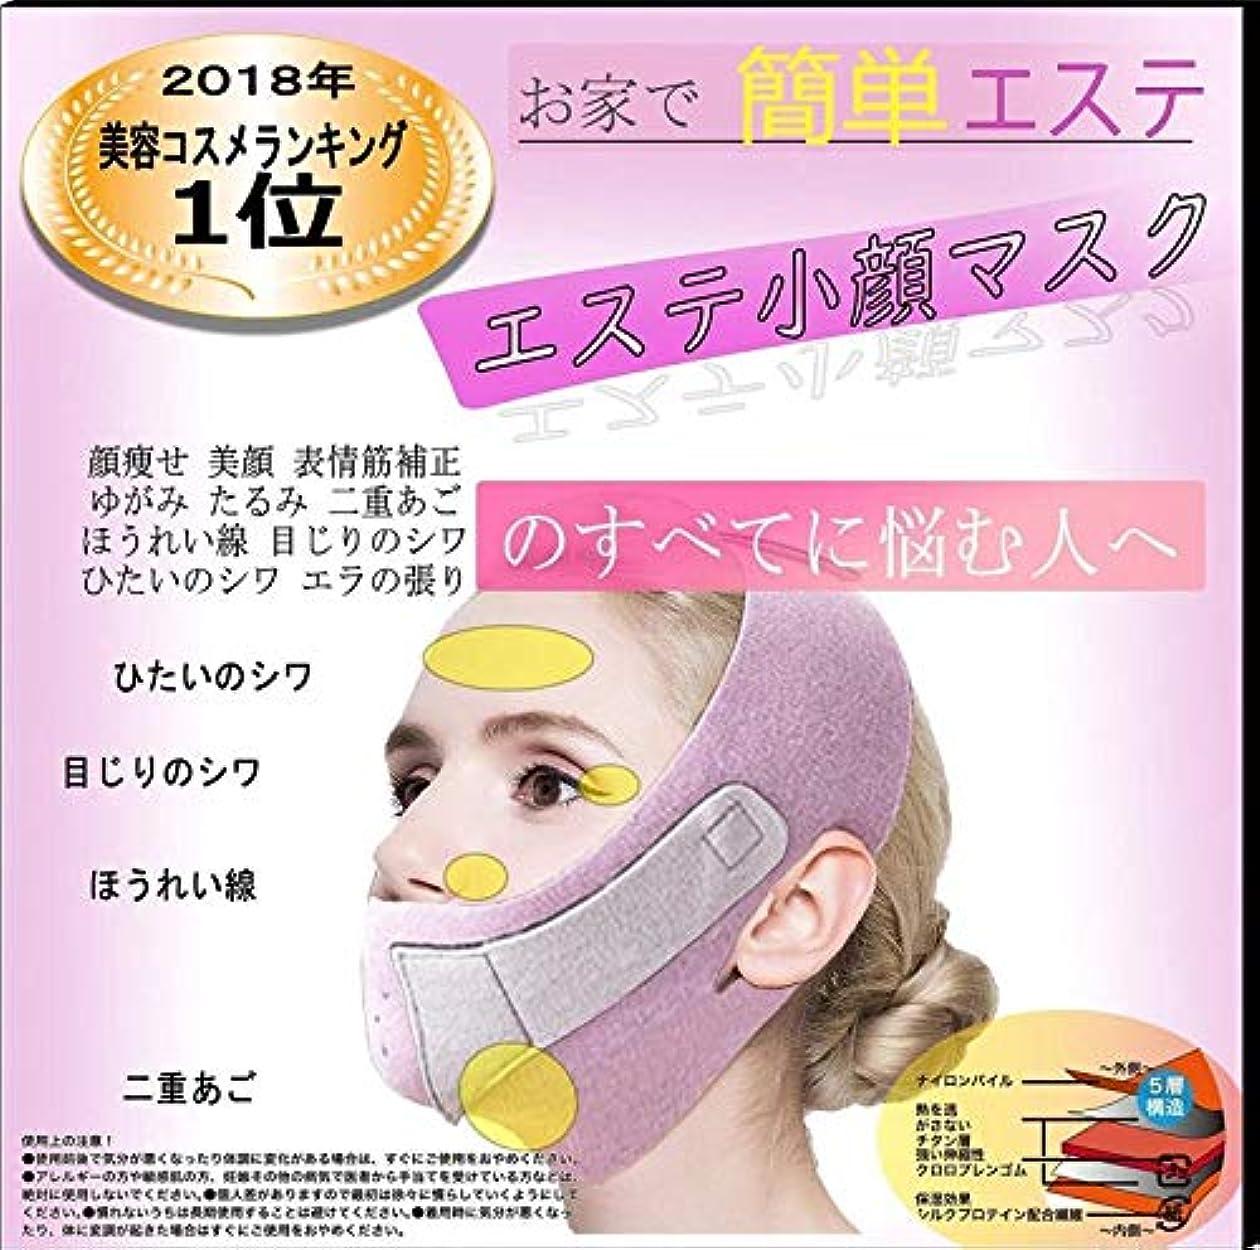 実際に世論調査マトンフェイスラインベルト 引き上げマスク 弾力V-ラインマスク 引っ張る 額、顎下、頬リフトアップ 小顔 美顔 矯正 顔痩せ 最新型 小顔マスク 豊齢線予防 頬のたるみ 抗シワ 美顔 Lサイズ ピンク